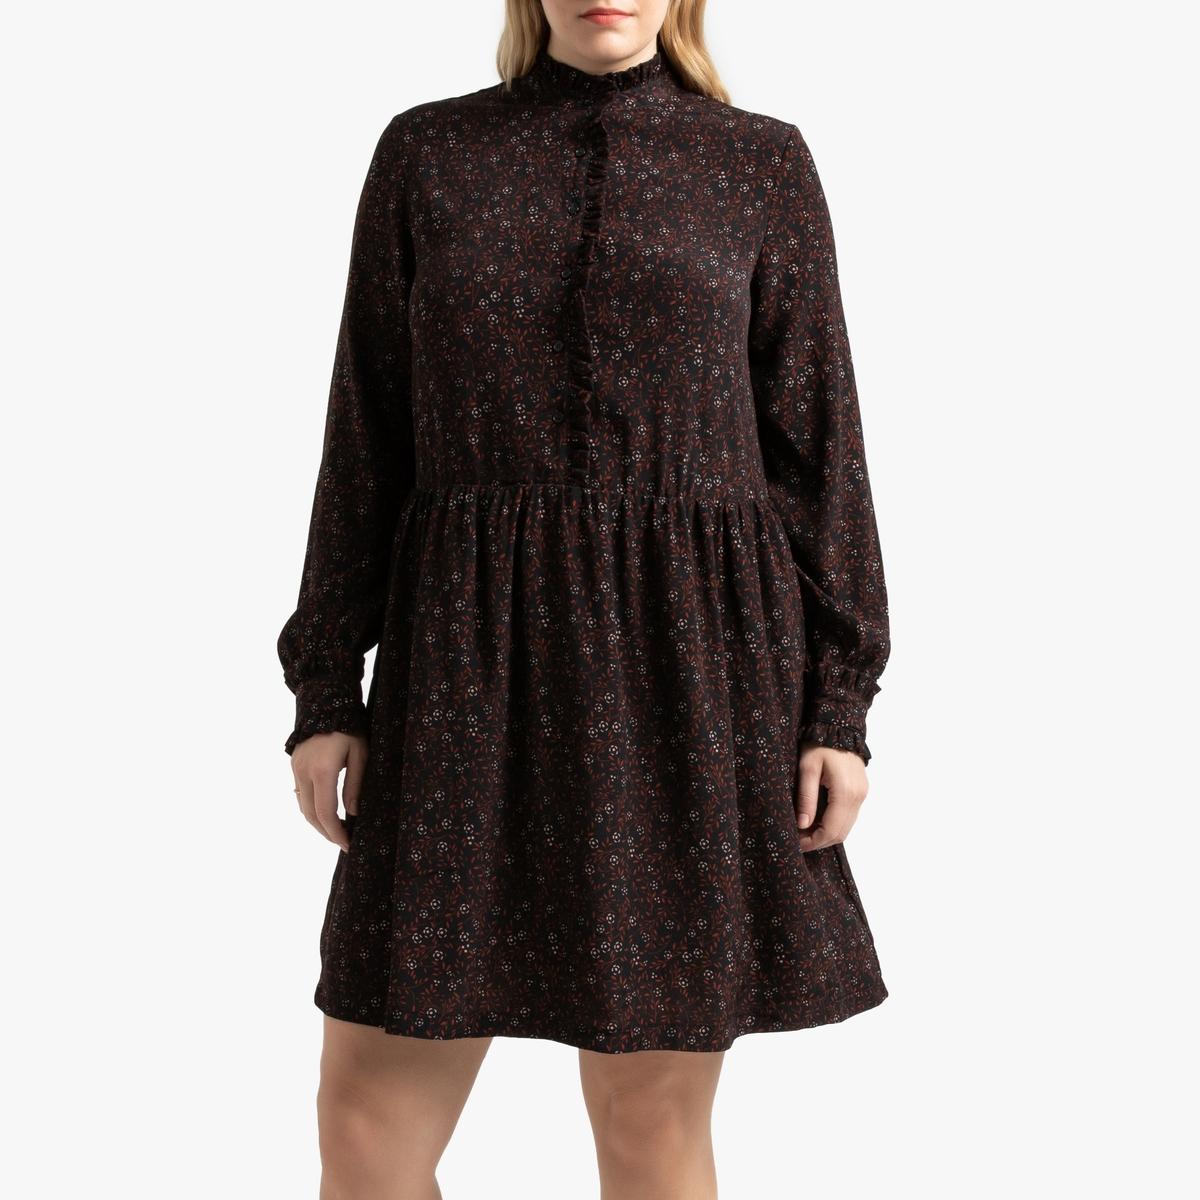 Платье La Redoute Расклешенное с воланом на вырезе и цветочным рисунком 50 (FR) - 56 (RUS) черный